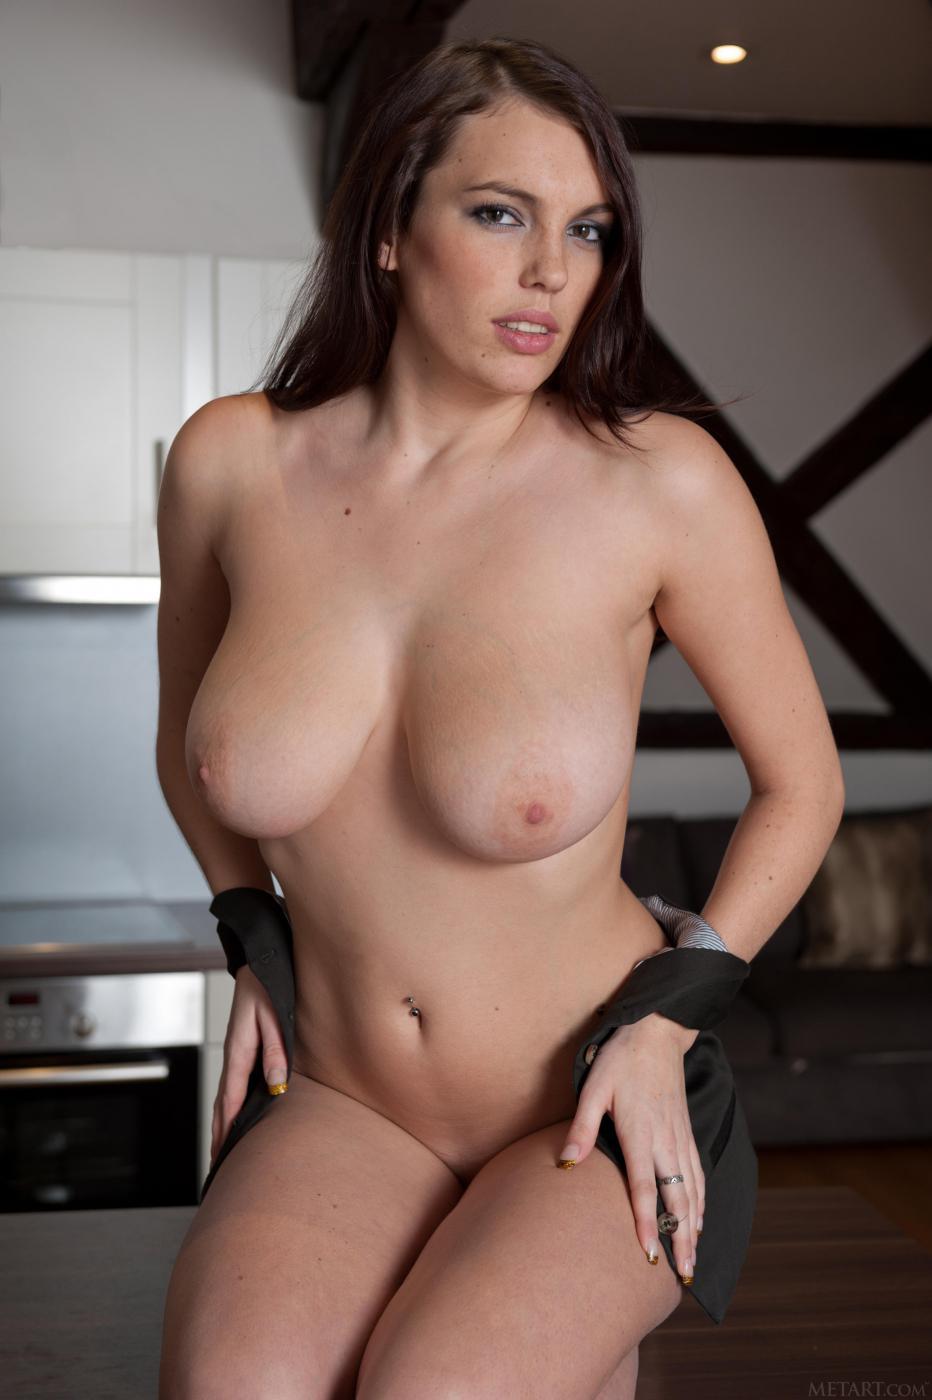 Брюнетка-подросток с раздвинутыми ножками и бритой киской Samantha Boobs играет со своей большой грудью